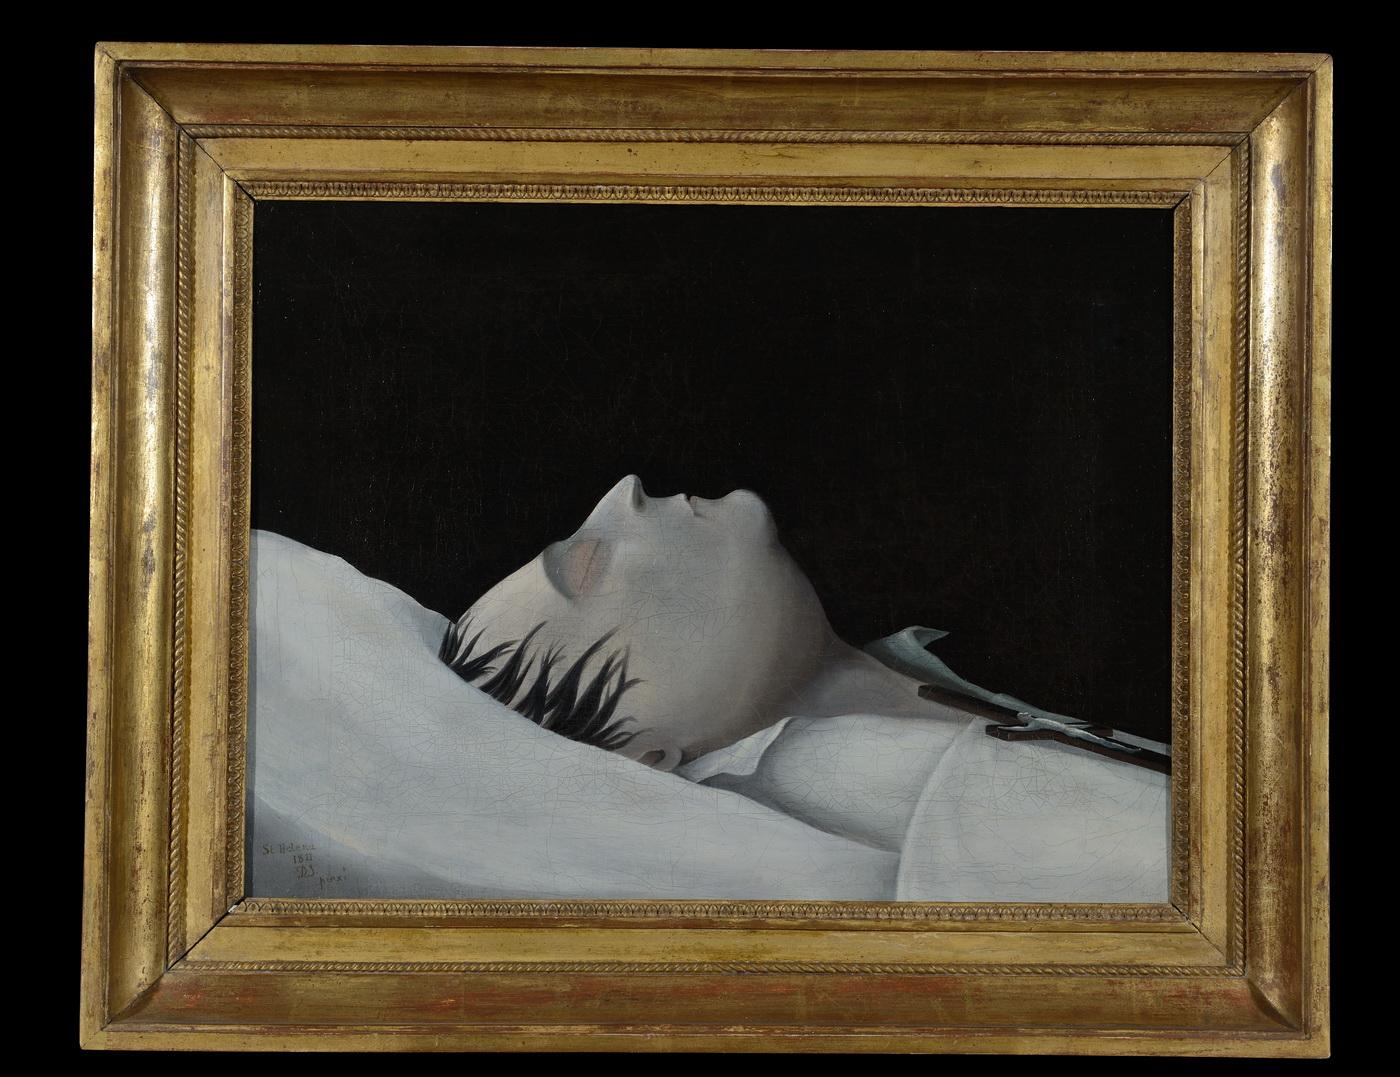 L'Empereur Napoléon sur son lit de mort - Patrimoine Charles-André COLONNA WALEWSKI, en ligne directe de Napoléon